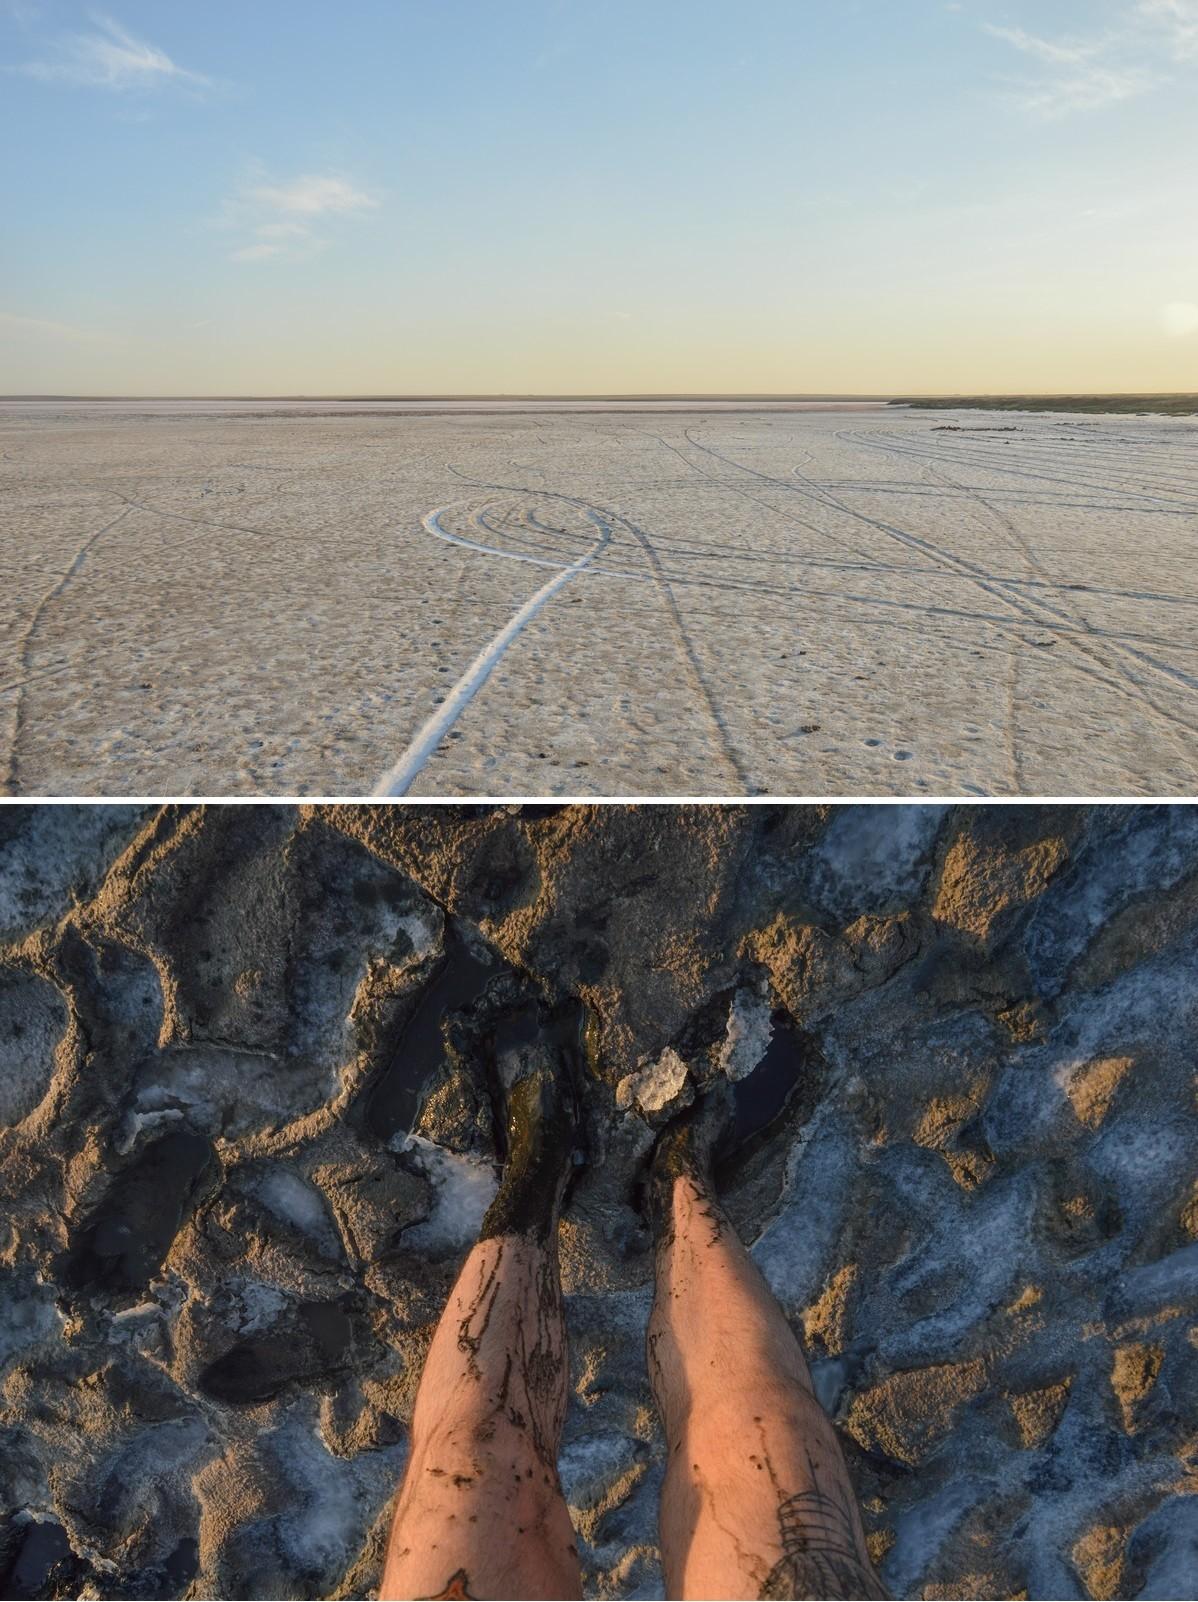 Le lac salé de Koltan-Nour. Le sol renferme une boue noire aux propriétés curatives appréciées.